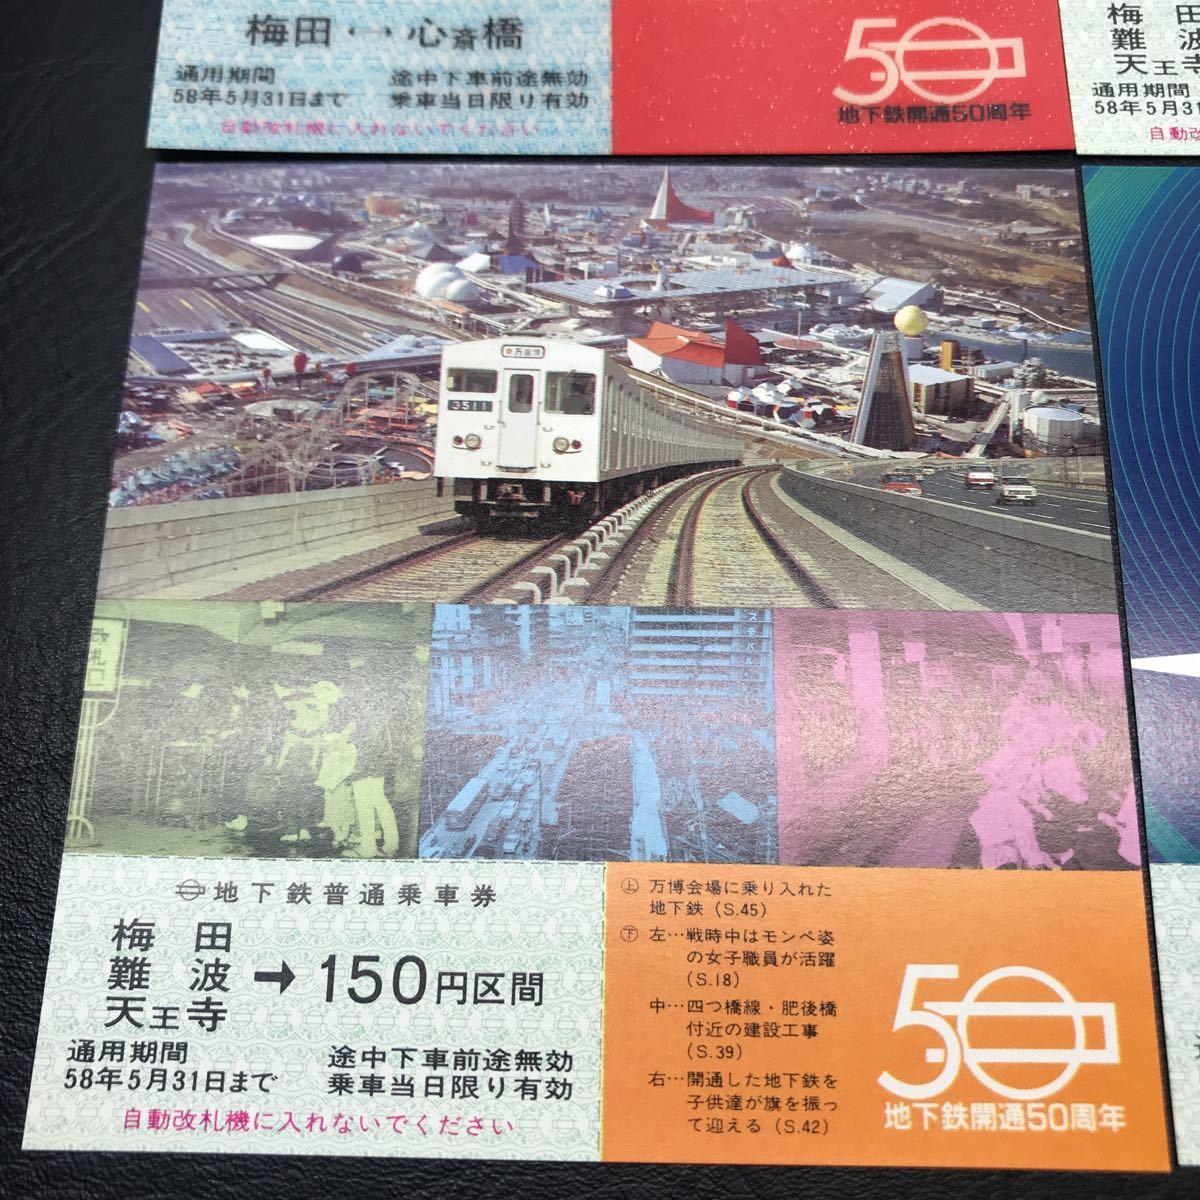 1111 大阪市交通局 地下鉄開通50周年記念乗車券 昭和58年 4枚 当時物 コレクション 鉄道資料_画像2